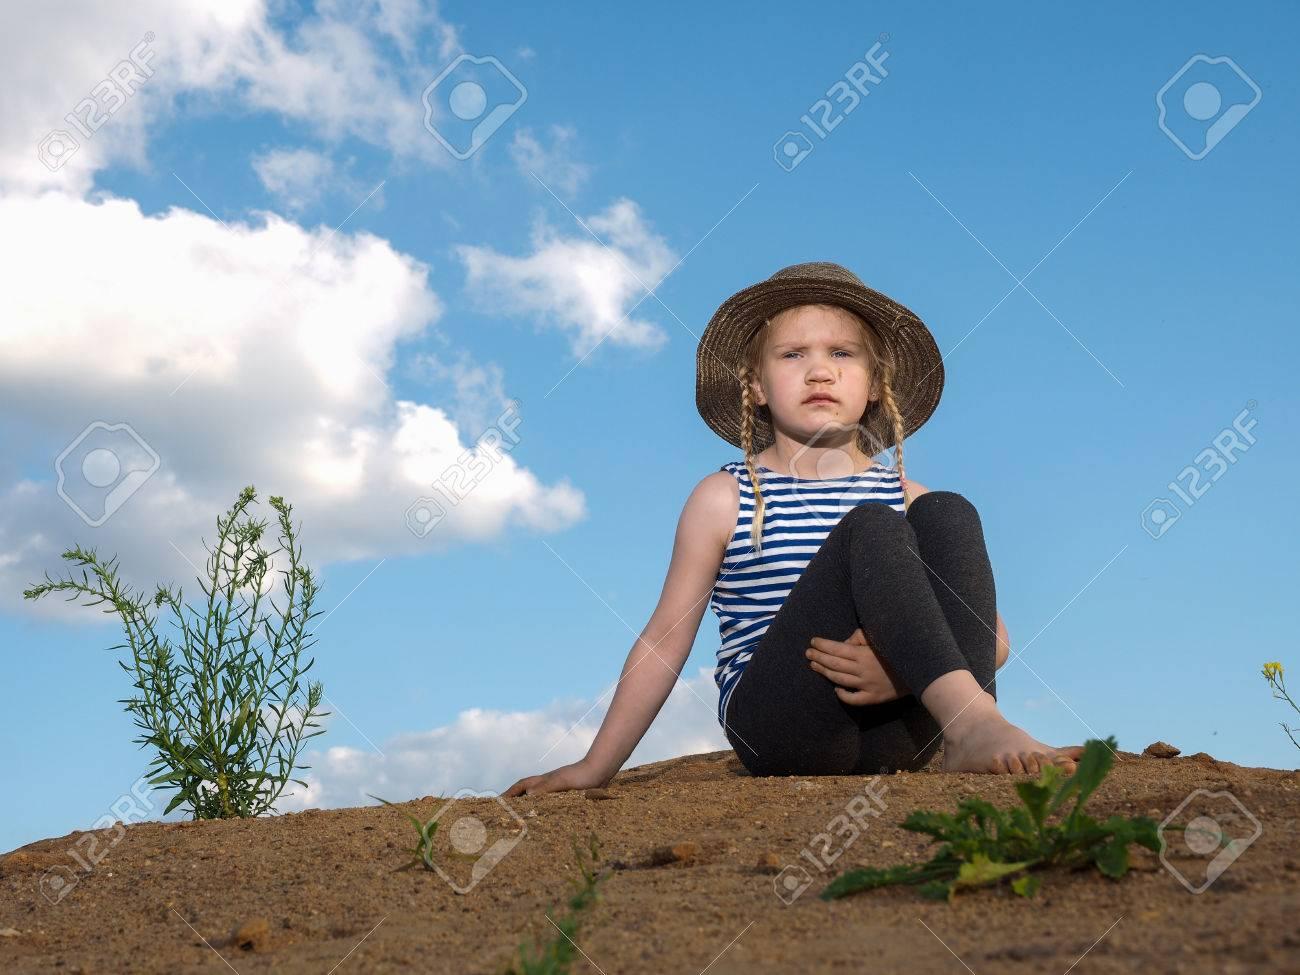 Archivio Fotografico - Il bambino è seduto su una montagna di sabbia. Cielo  blu. Una bambina 0dadb80980fe